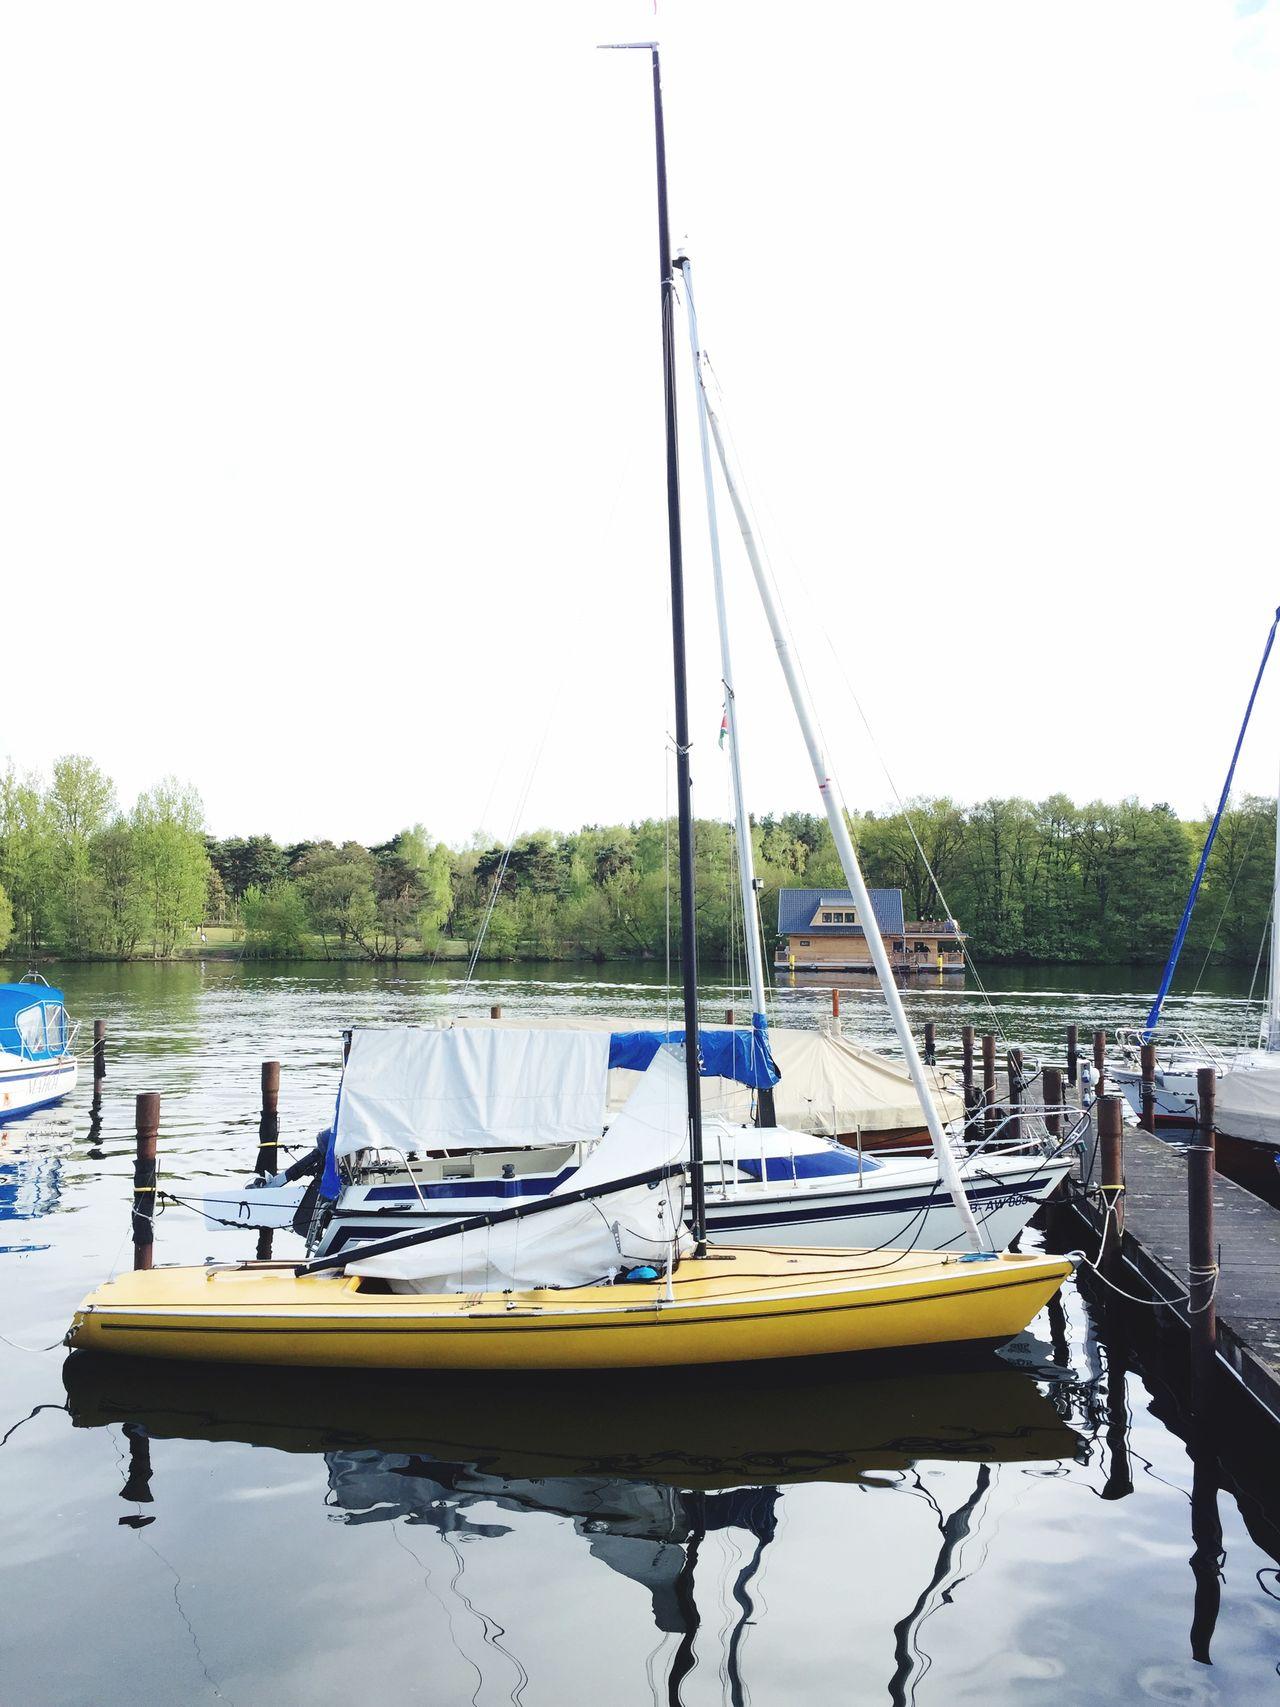 Banana Boat Gelbe Gefahr Die Ruhe Nach Dem Sturm Dyas Enjoy The Silence Zonen Gabis Erste Banane